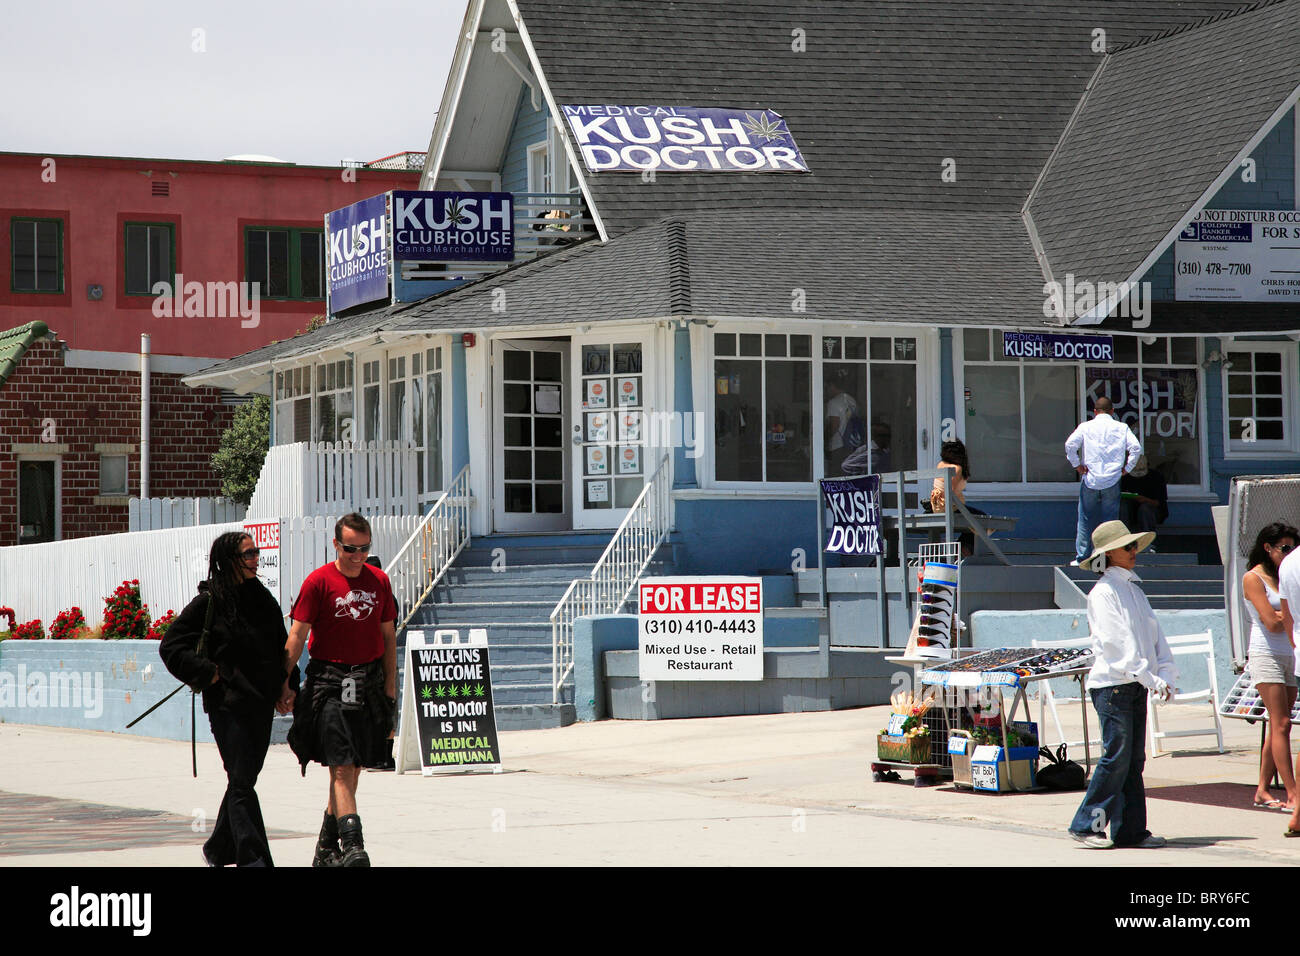 Kush doctor Venice Beach California - Stock Image